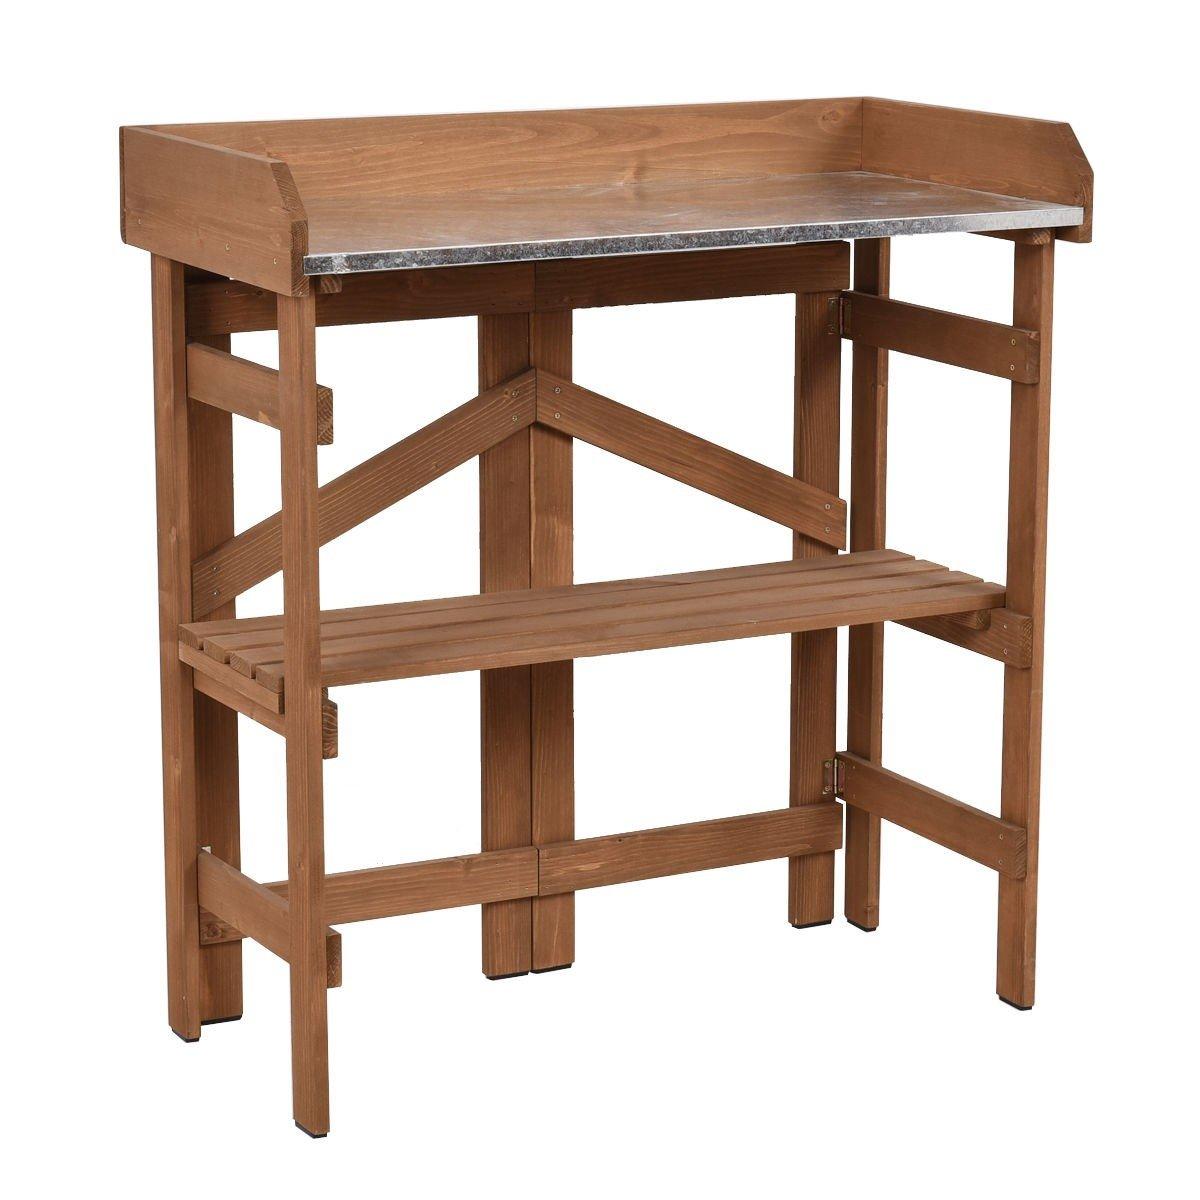 MD Group Potting Bench Garden Planting Wooden Shelves Table Workstation Outdoor Shelf Storge